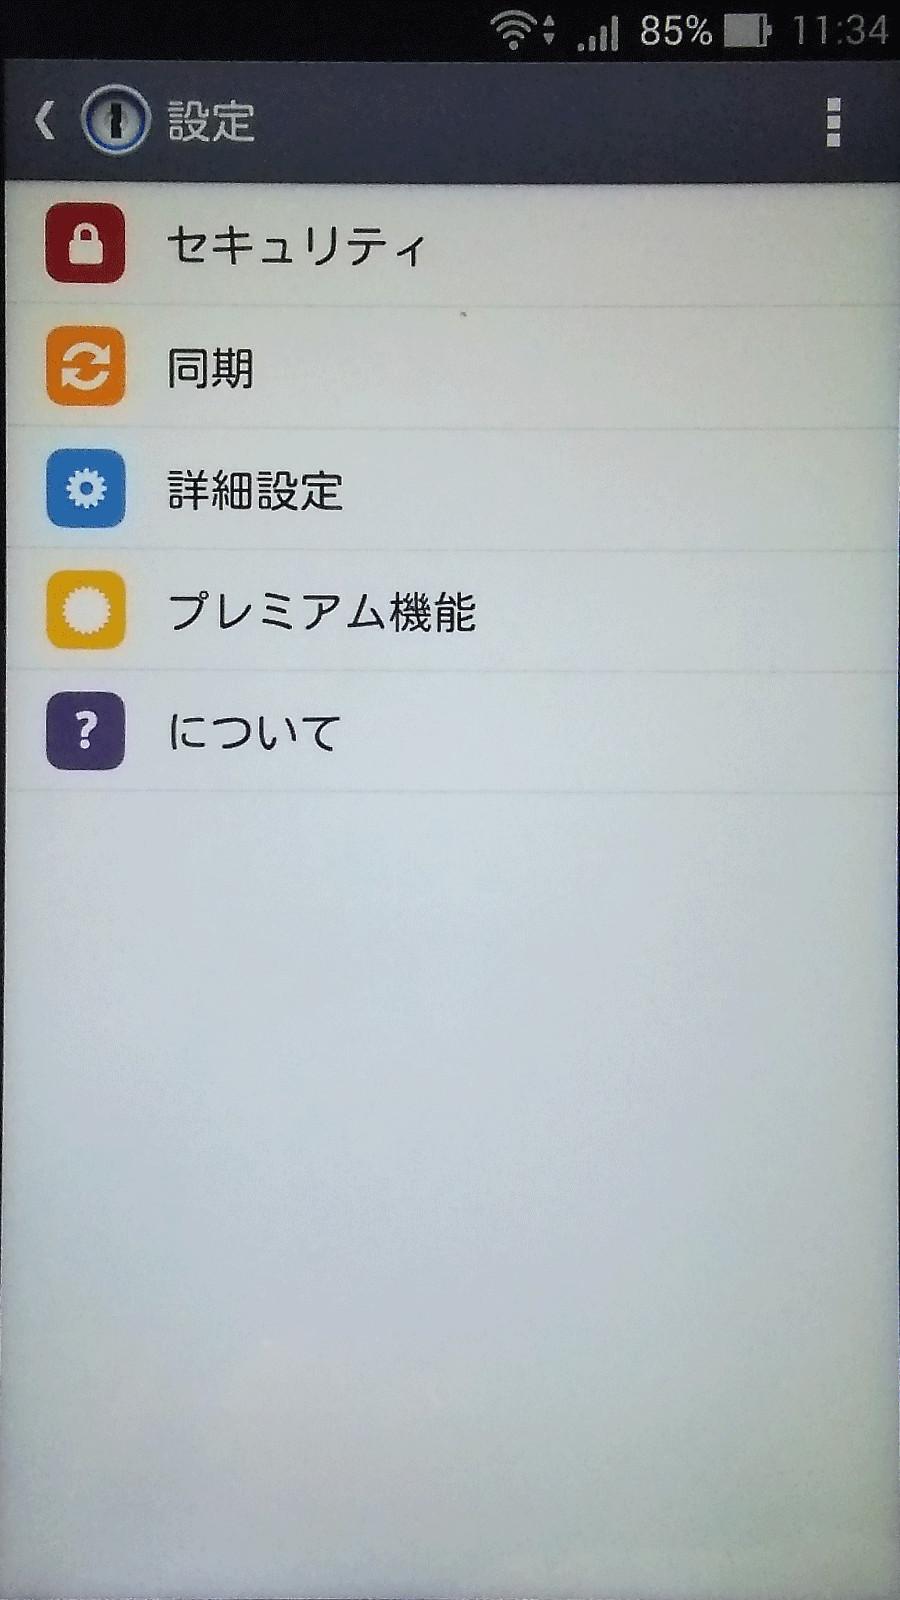 メインメニューの[設定]項目を選択すると、設定画面を表示できる